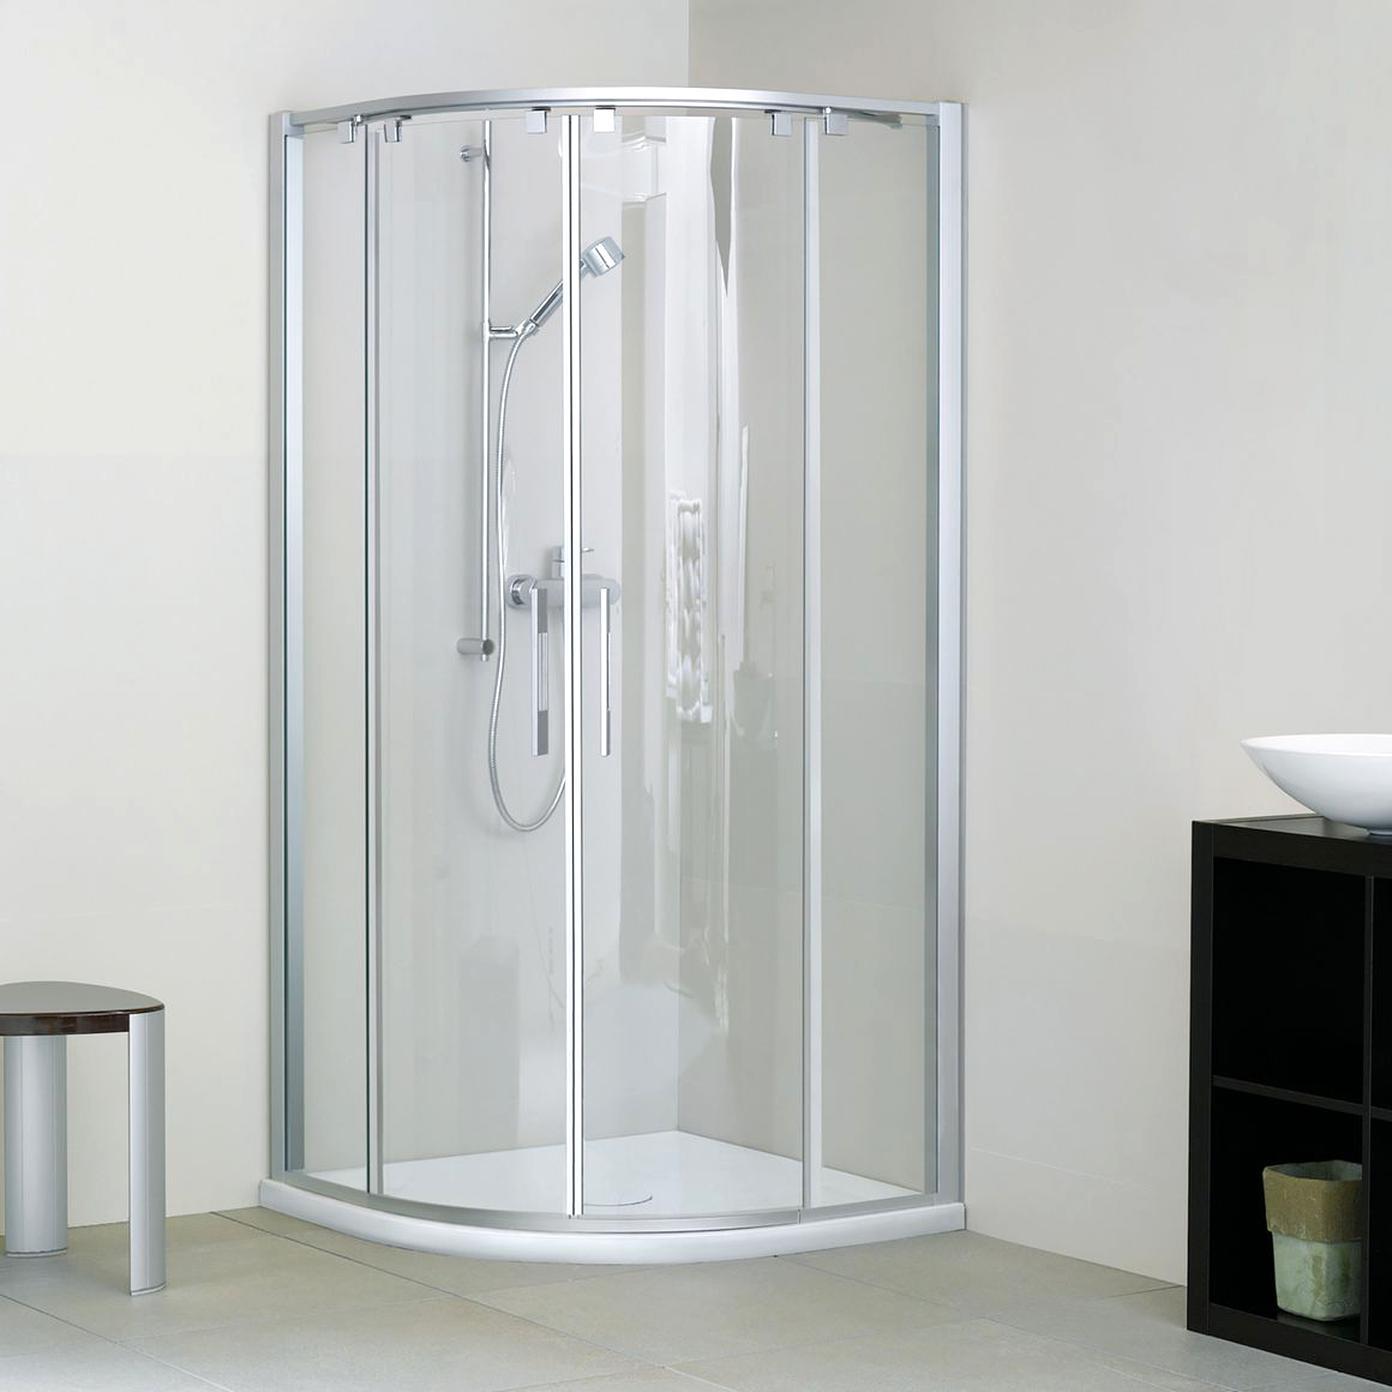 Full Size of Dusche Kaufen Duscholudusche Gebraucht Nur 3 St Bis 70 Gnstiger Gebrauchte Fenster Regale Bodenebene Günstig Betten Küche In Polen Moderne Duschen Dusche Dusche Kaufen